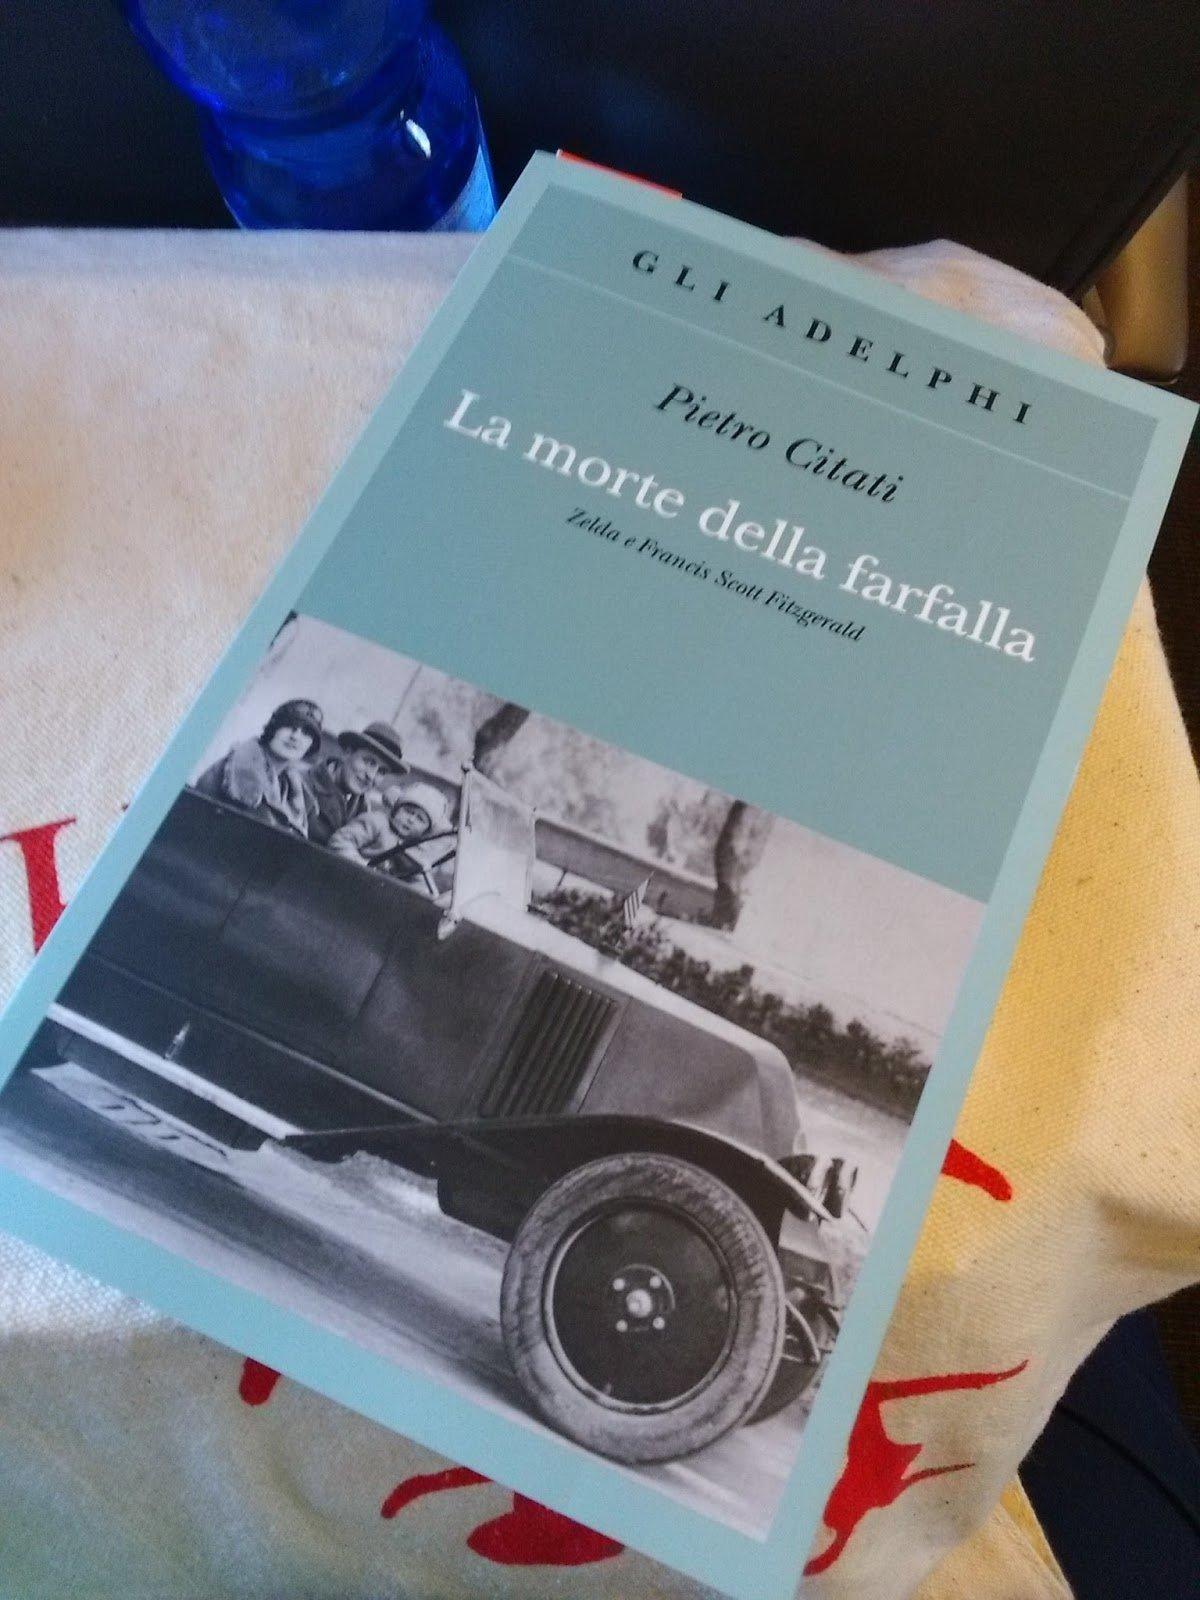 Lo straordinario libro di Piero citati sui Fitgerald